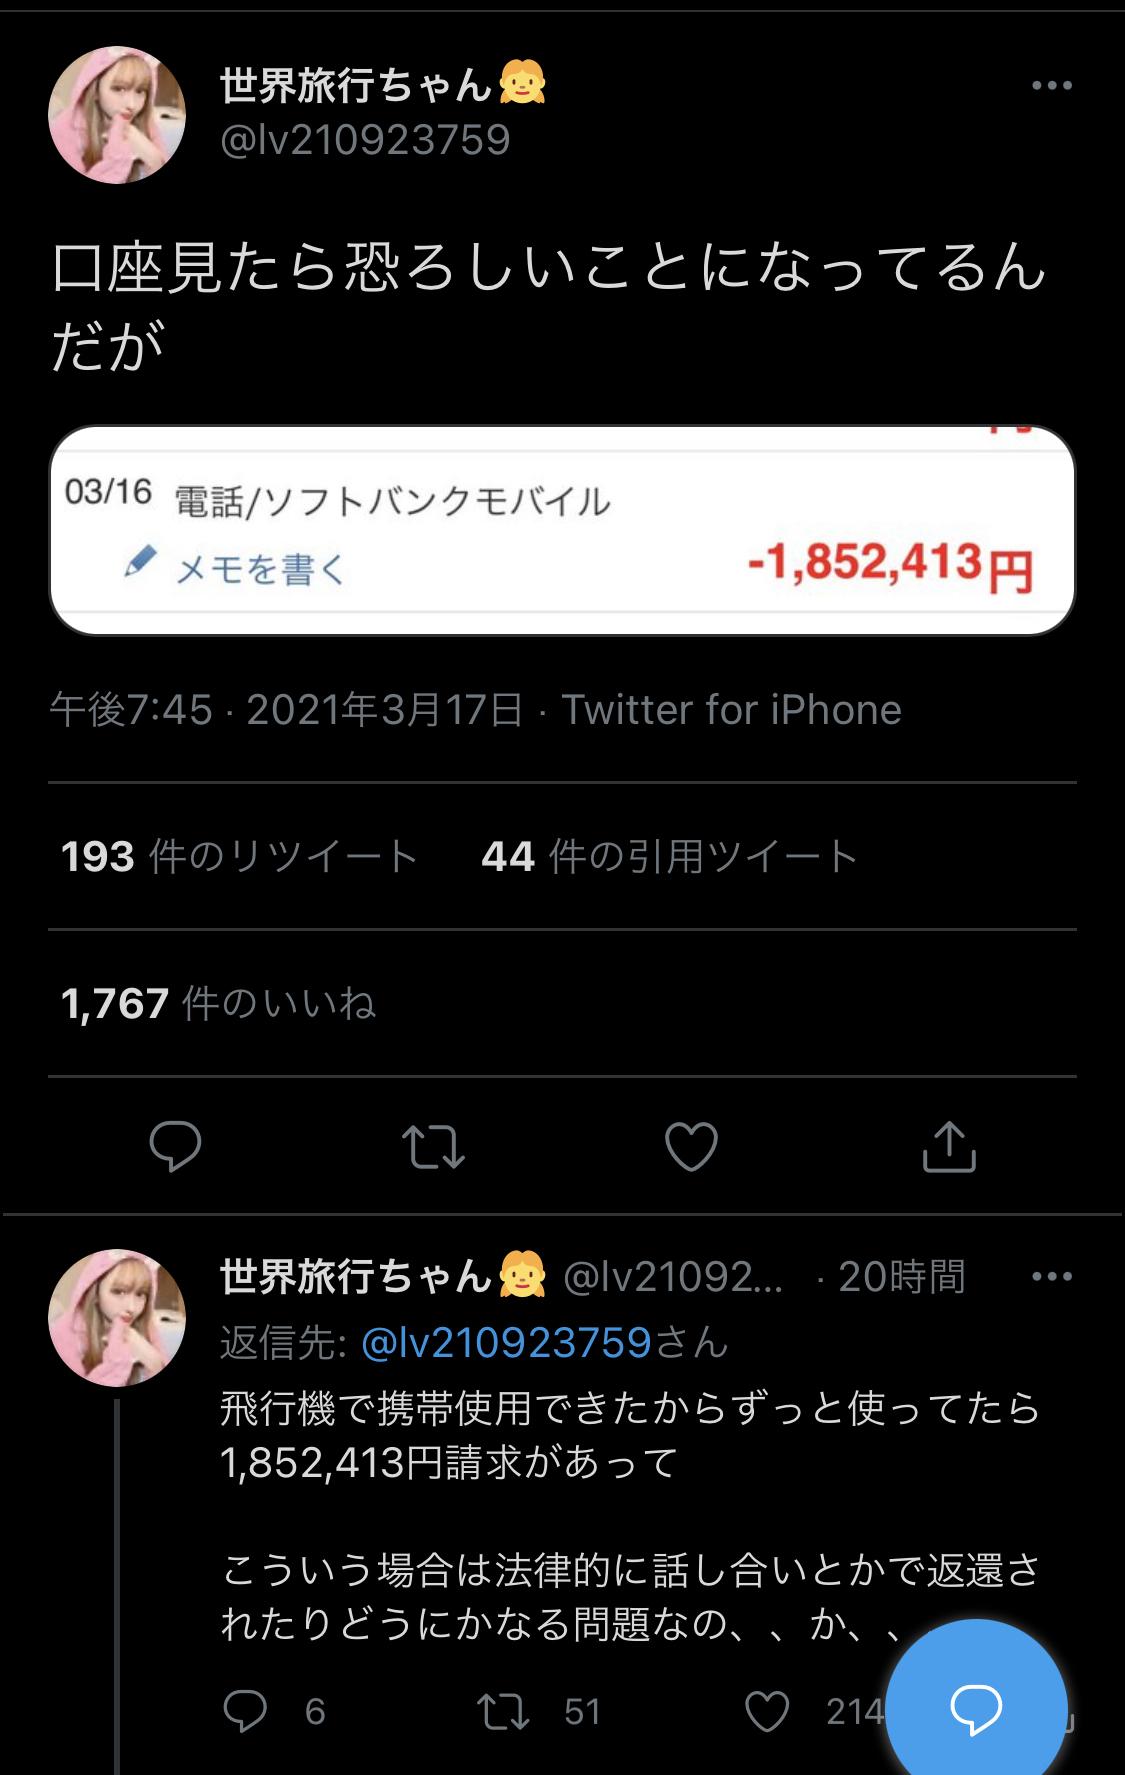 【悲報】まんさん「助けて!飛行機で携帯触ってたら携帯会社から不当に180万円請求されたの!」